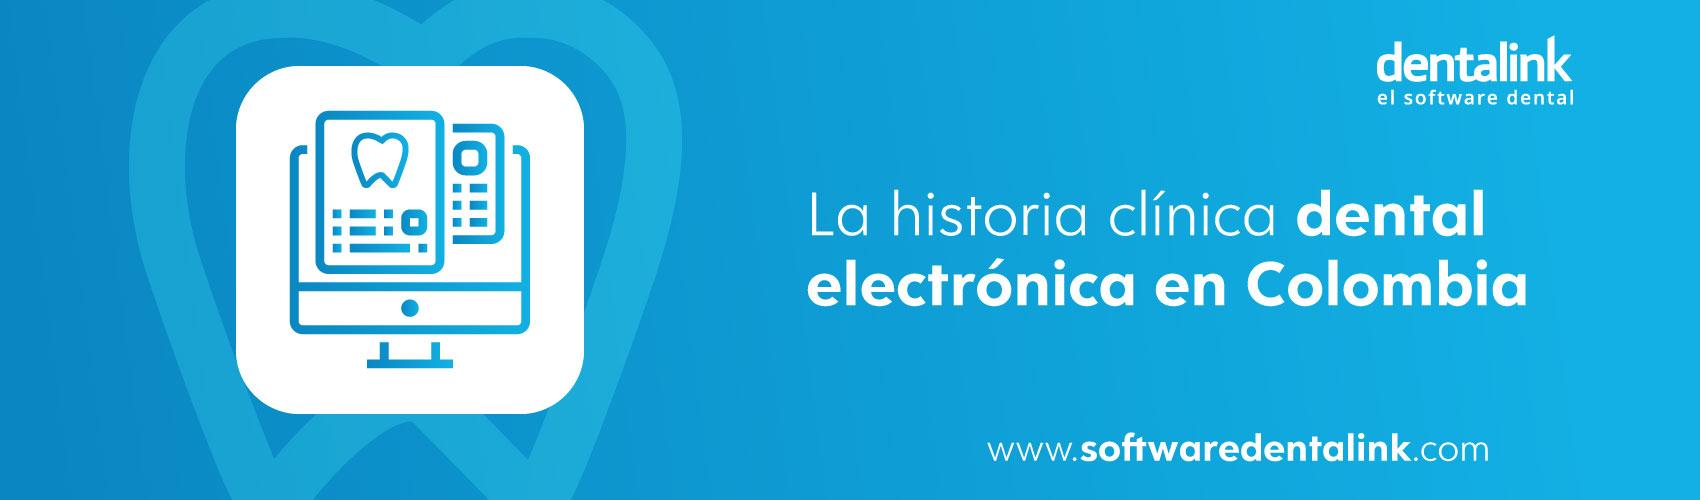 ▷ La historia clínica dental electrónica en Colombia